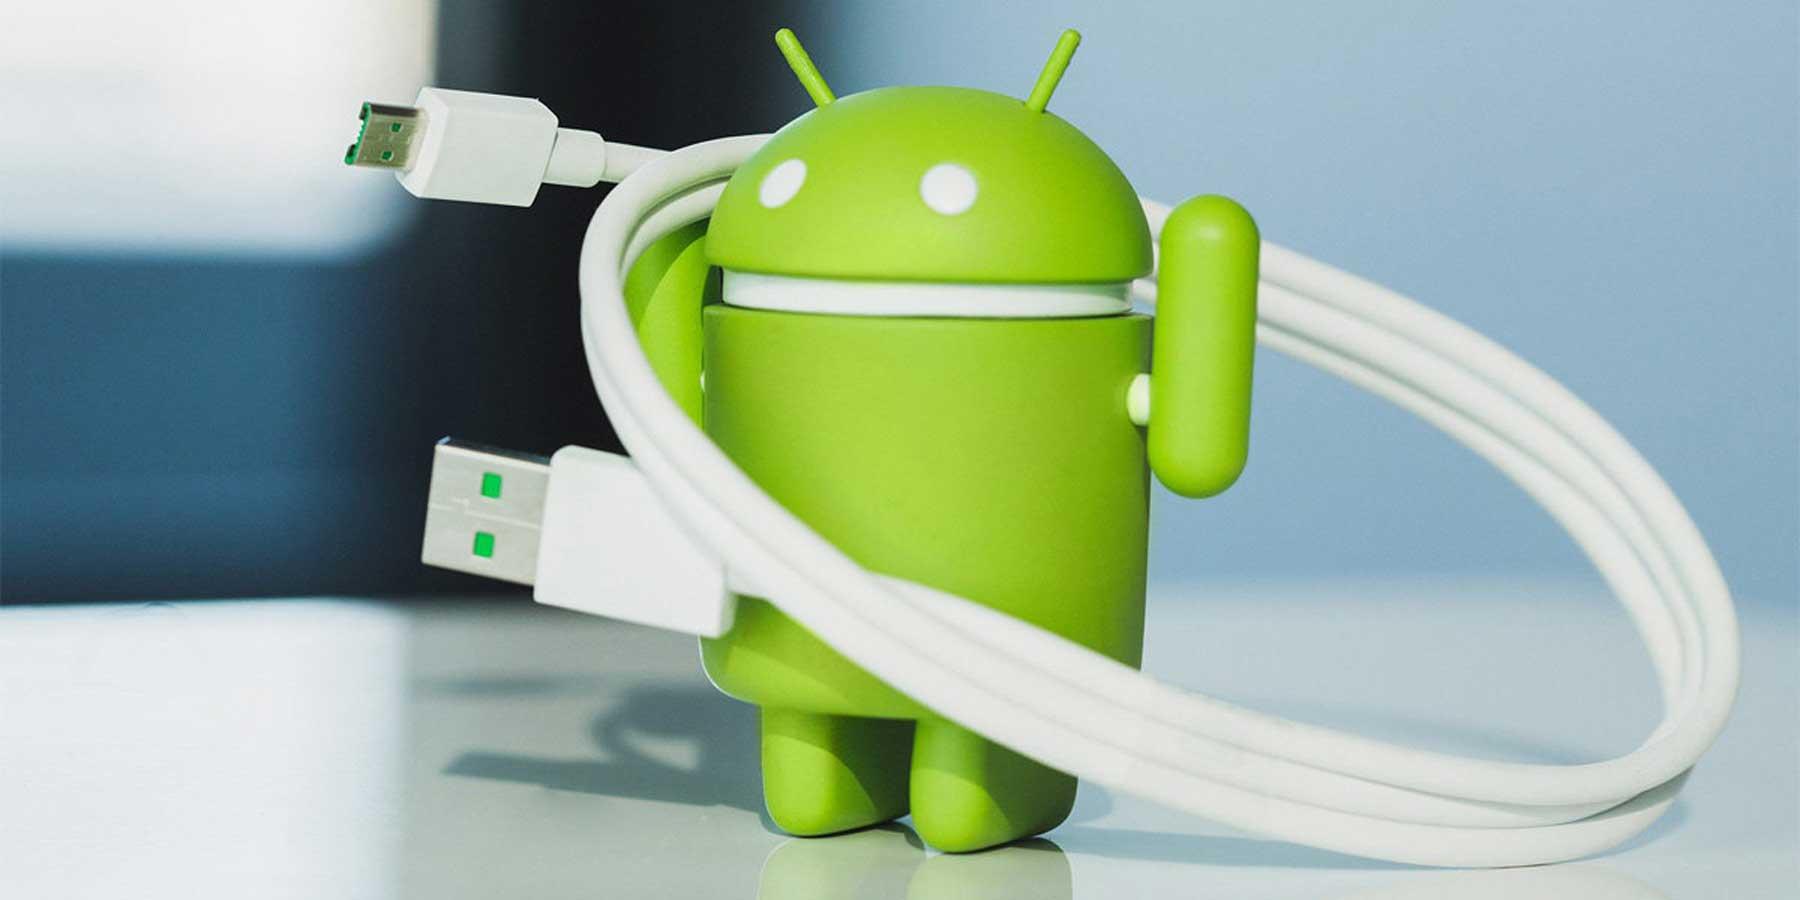 Yavaş şarj oluyor Android Yavaş Şarj Sorunu Android Yavaş Şarj Sorunu yavas sarj oluyor sorunu